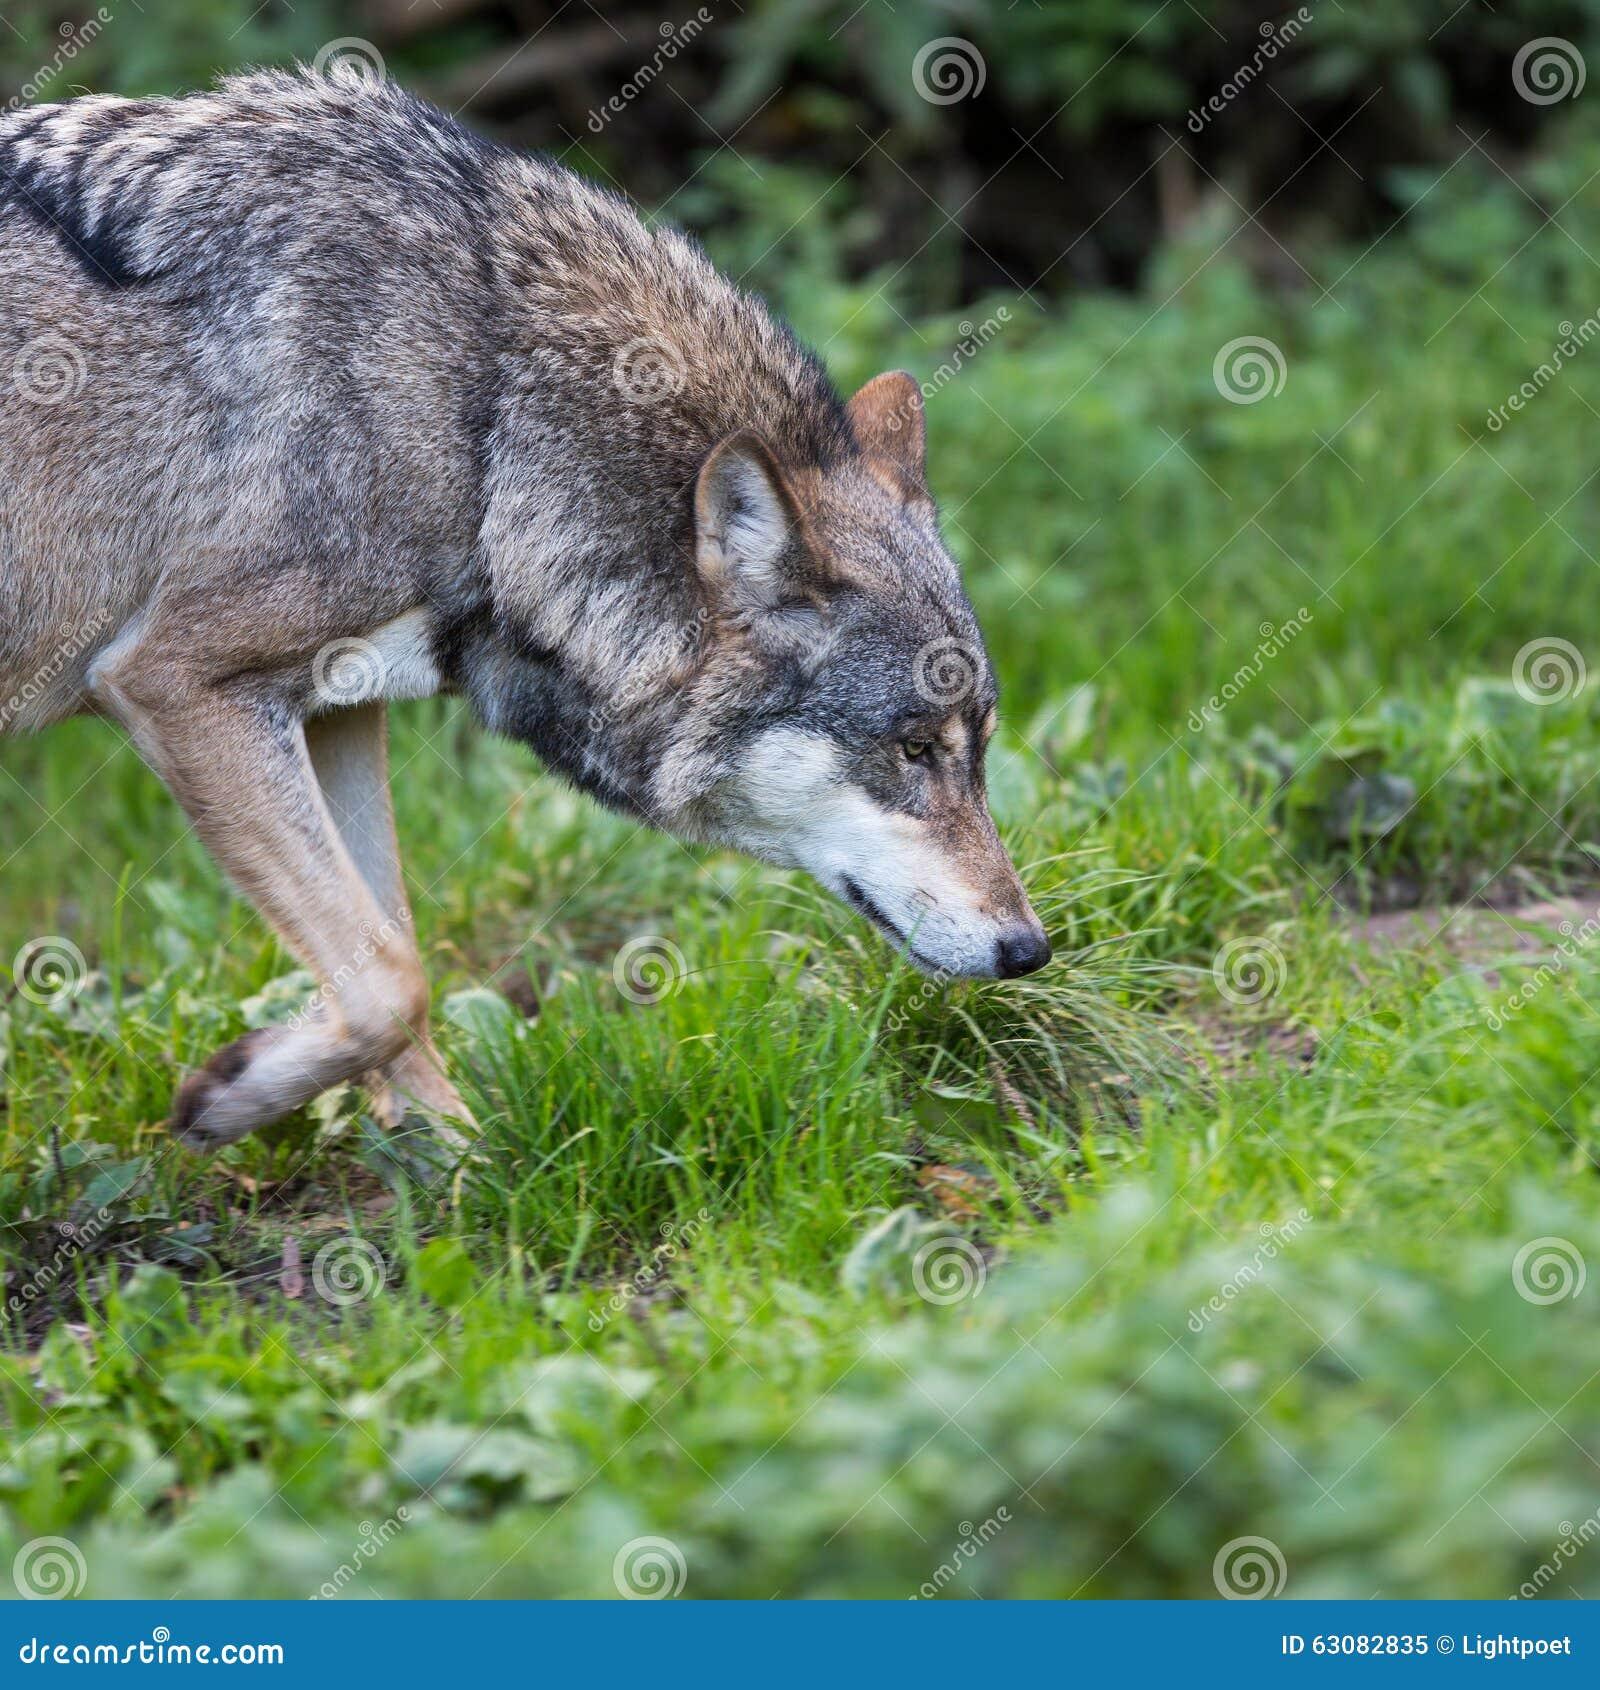 Download Loup gris/eurasien image stock. Image du effrayant, dangereux - 63082835